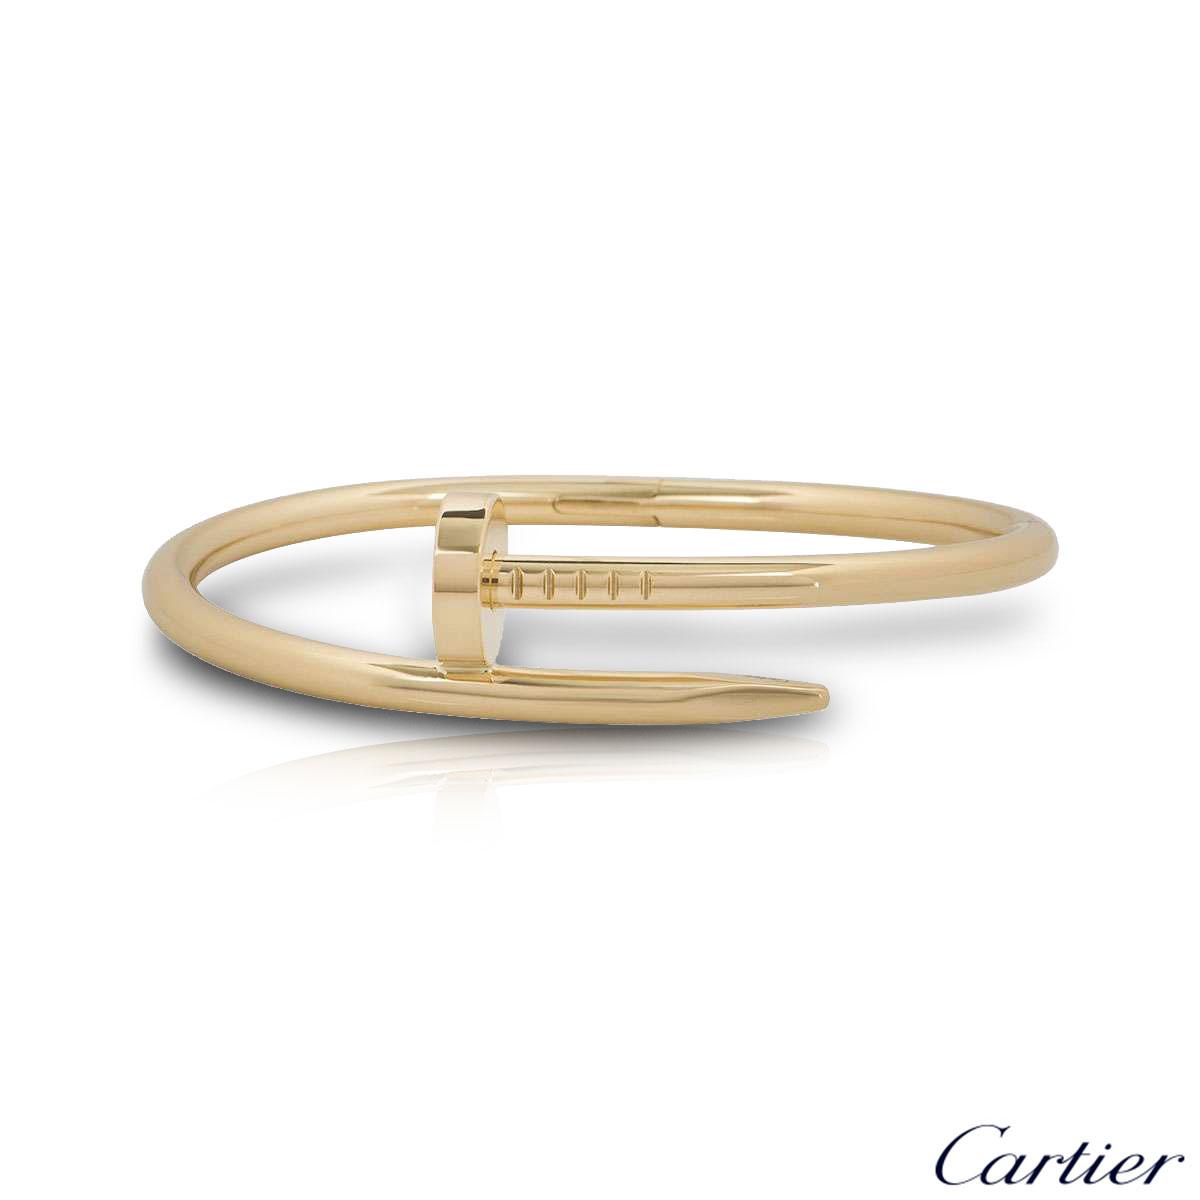 Cartier Yellow Gold Plain Juste Un Clou Bracelet Size 20 B6048220